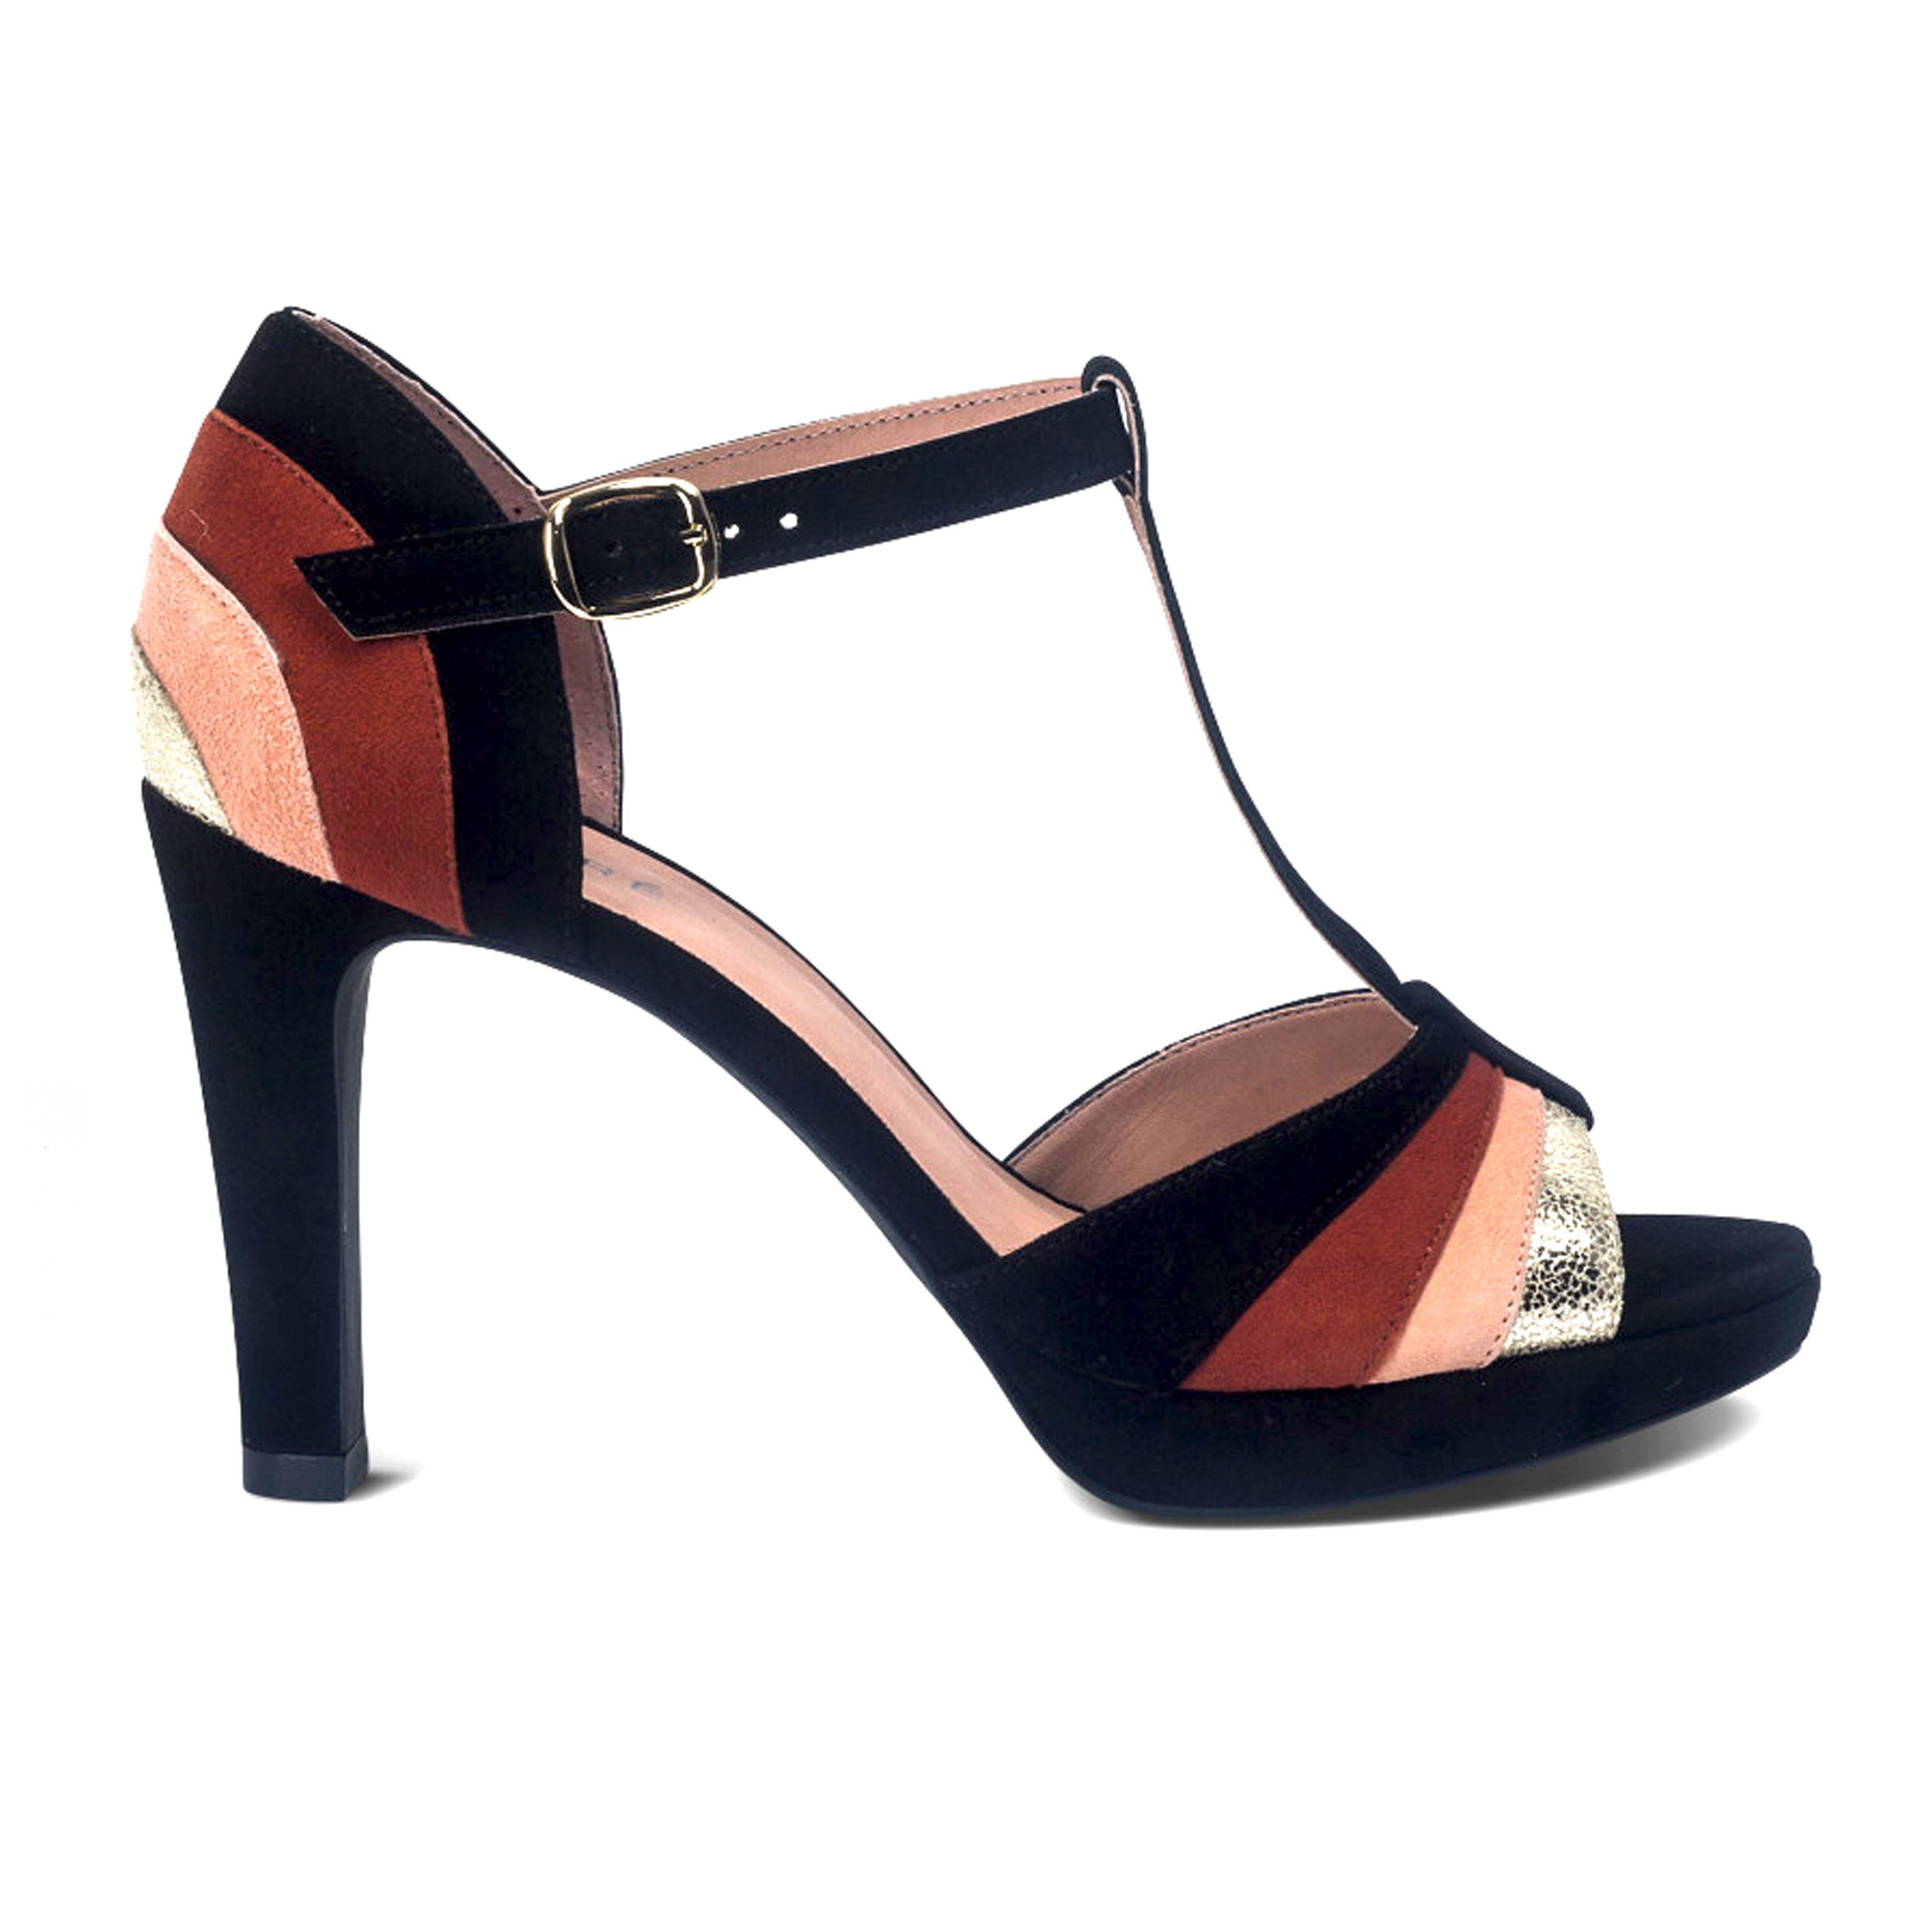 65f6582a8fe599 Sandale salomé modèle LATINE - Camille Daurel design pour André chaussures  - Collection été 2017